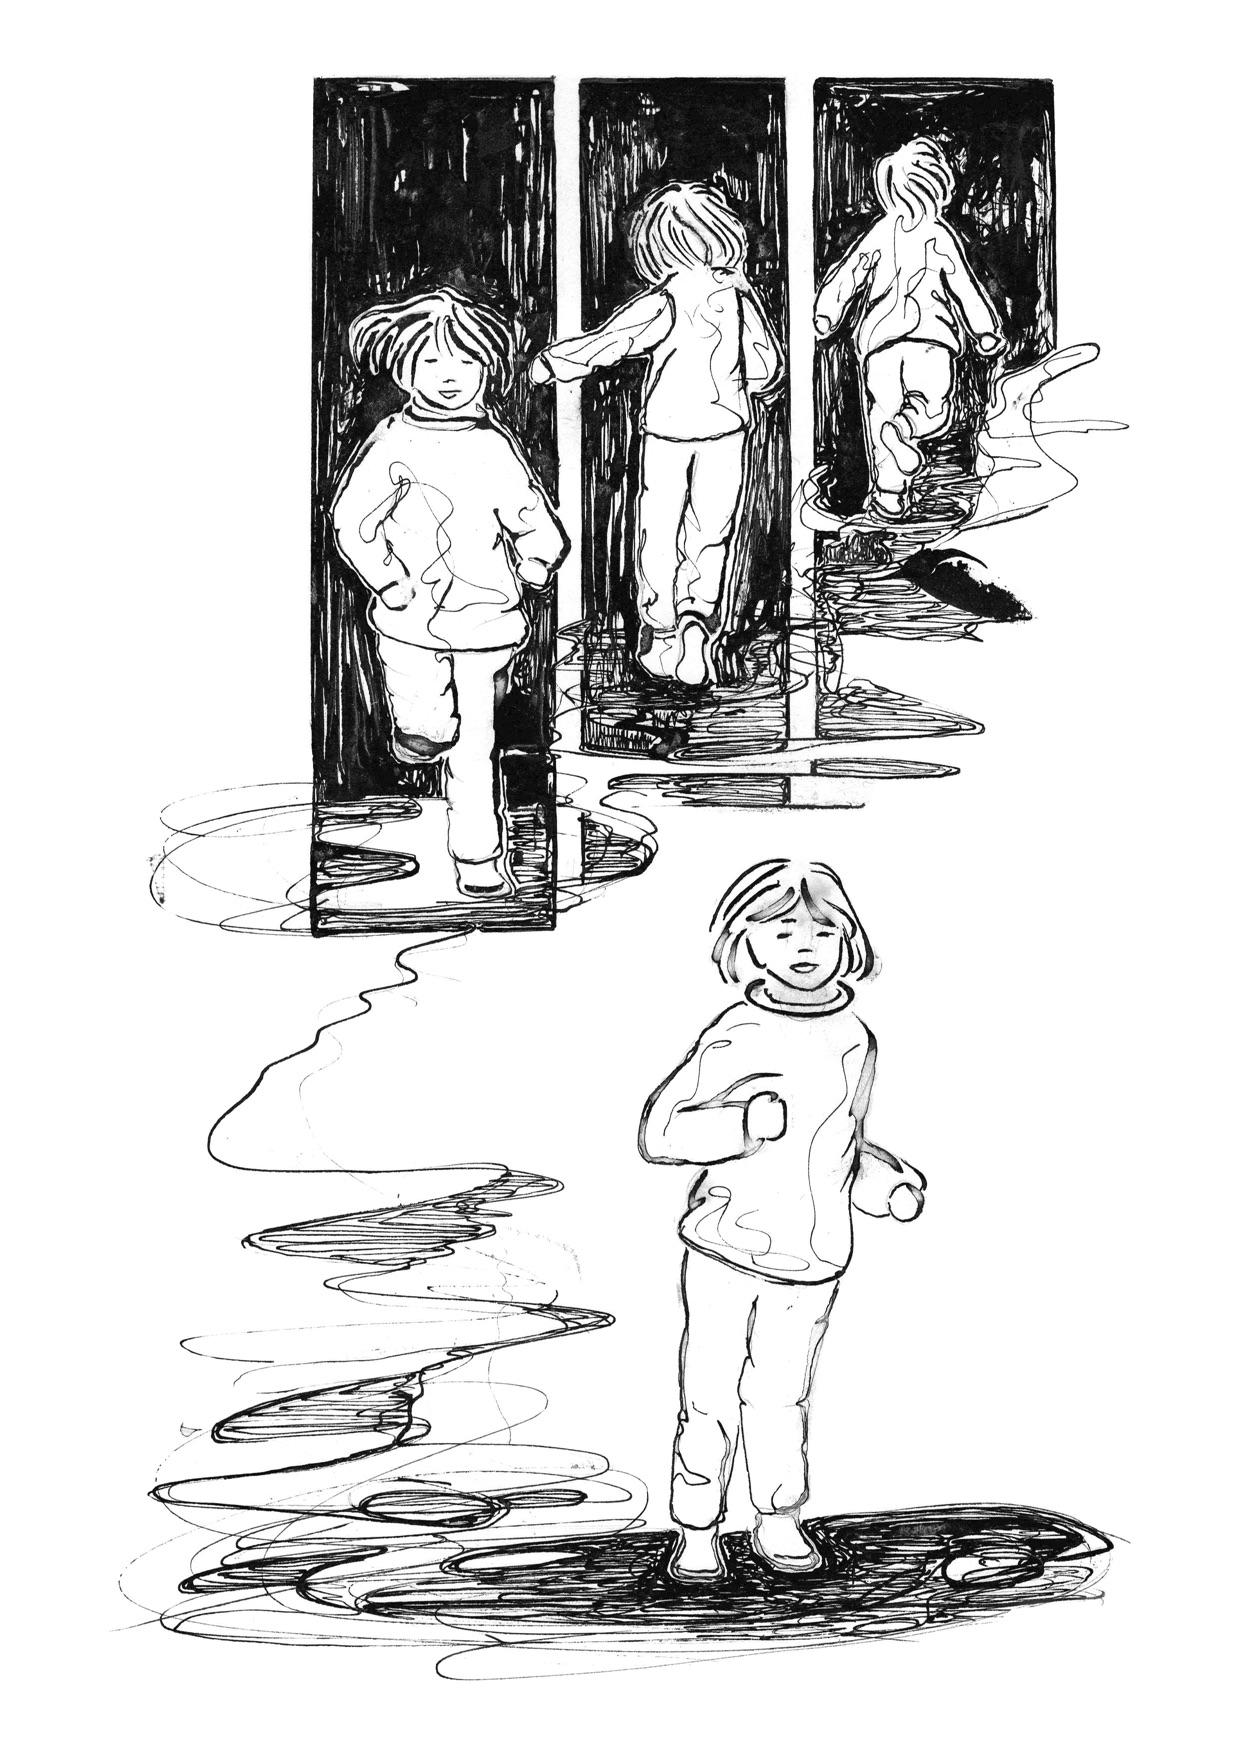 Nina-dessin-Gris-0-Couv1-enfant-qui-court-copie